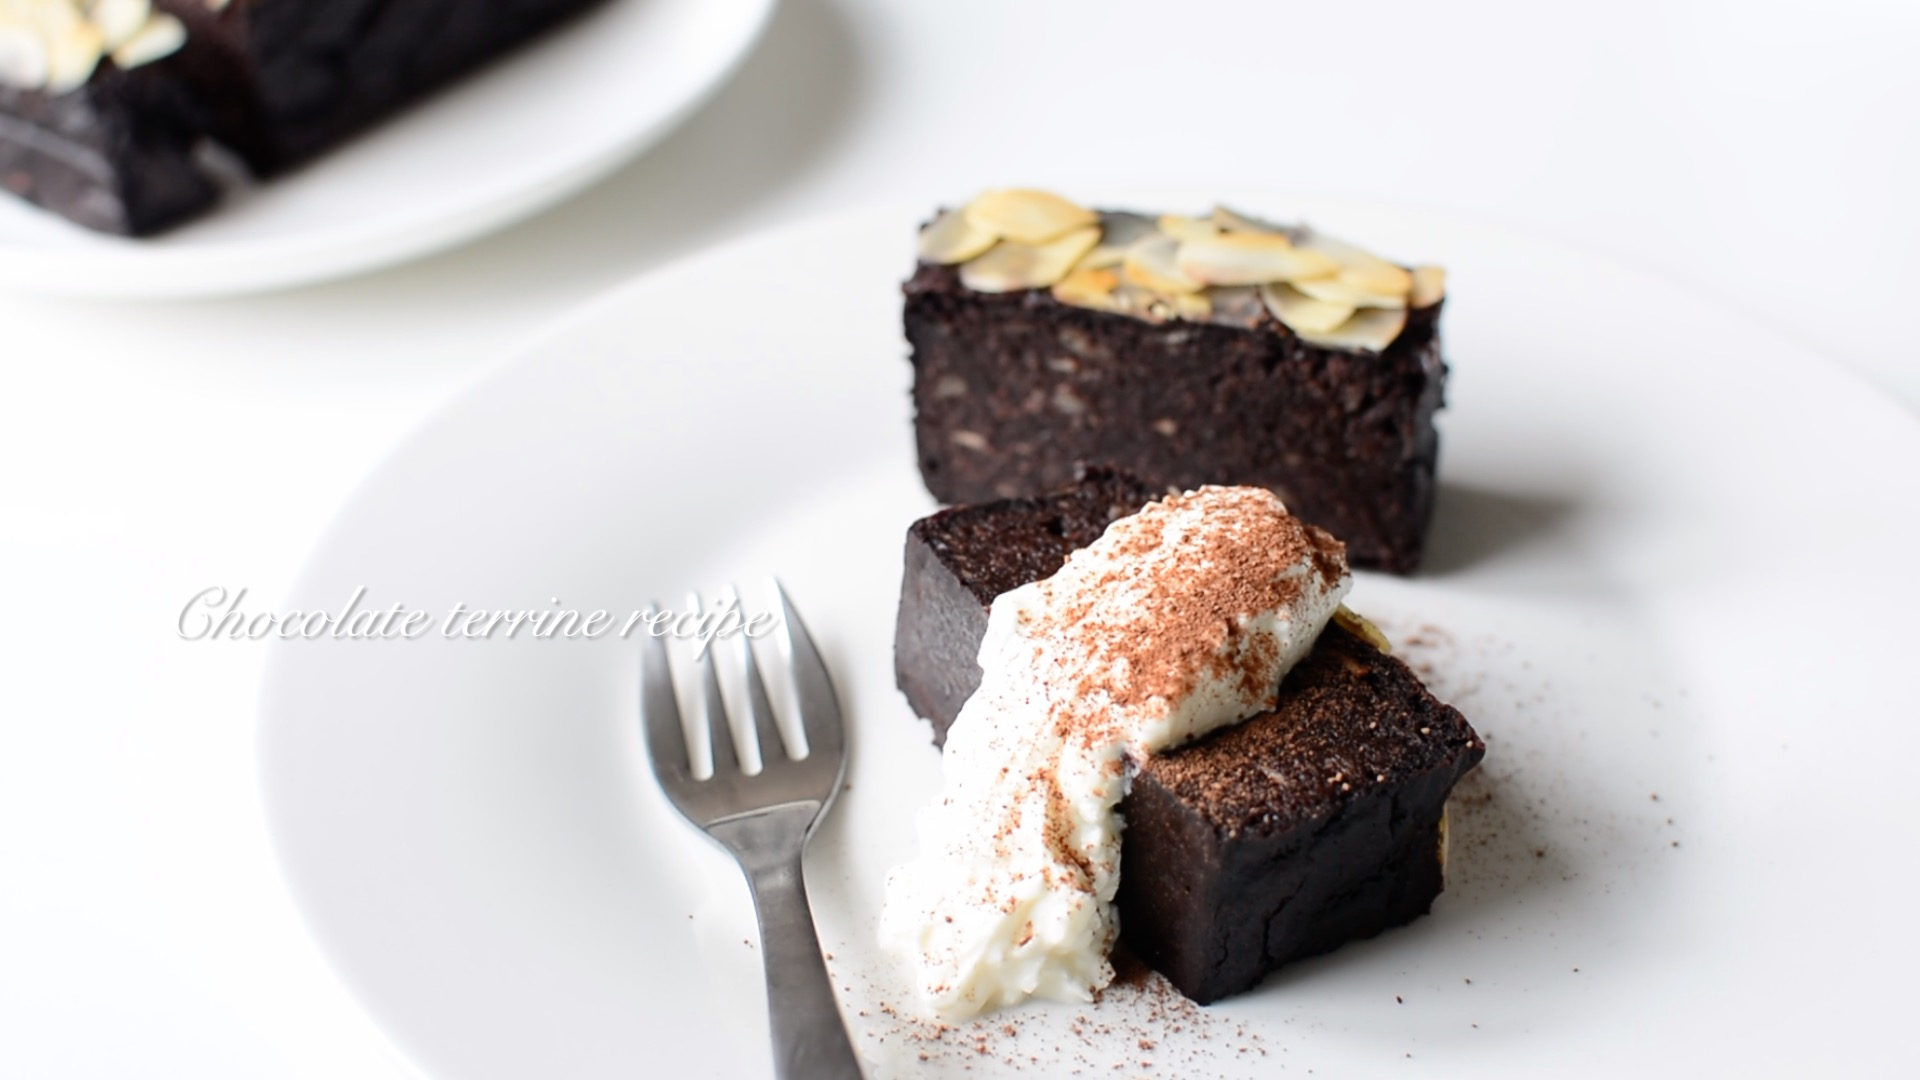 【チョコなし】豆腐とバナナのチョコレートテリーヌ【米粉】